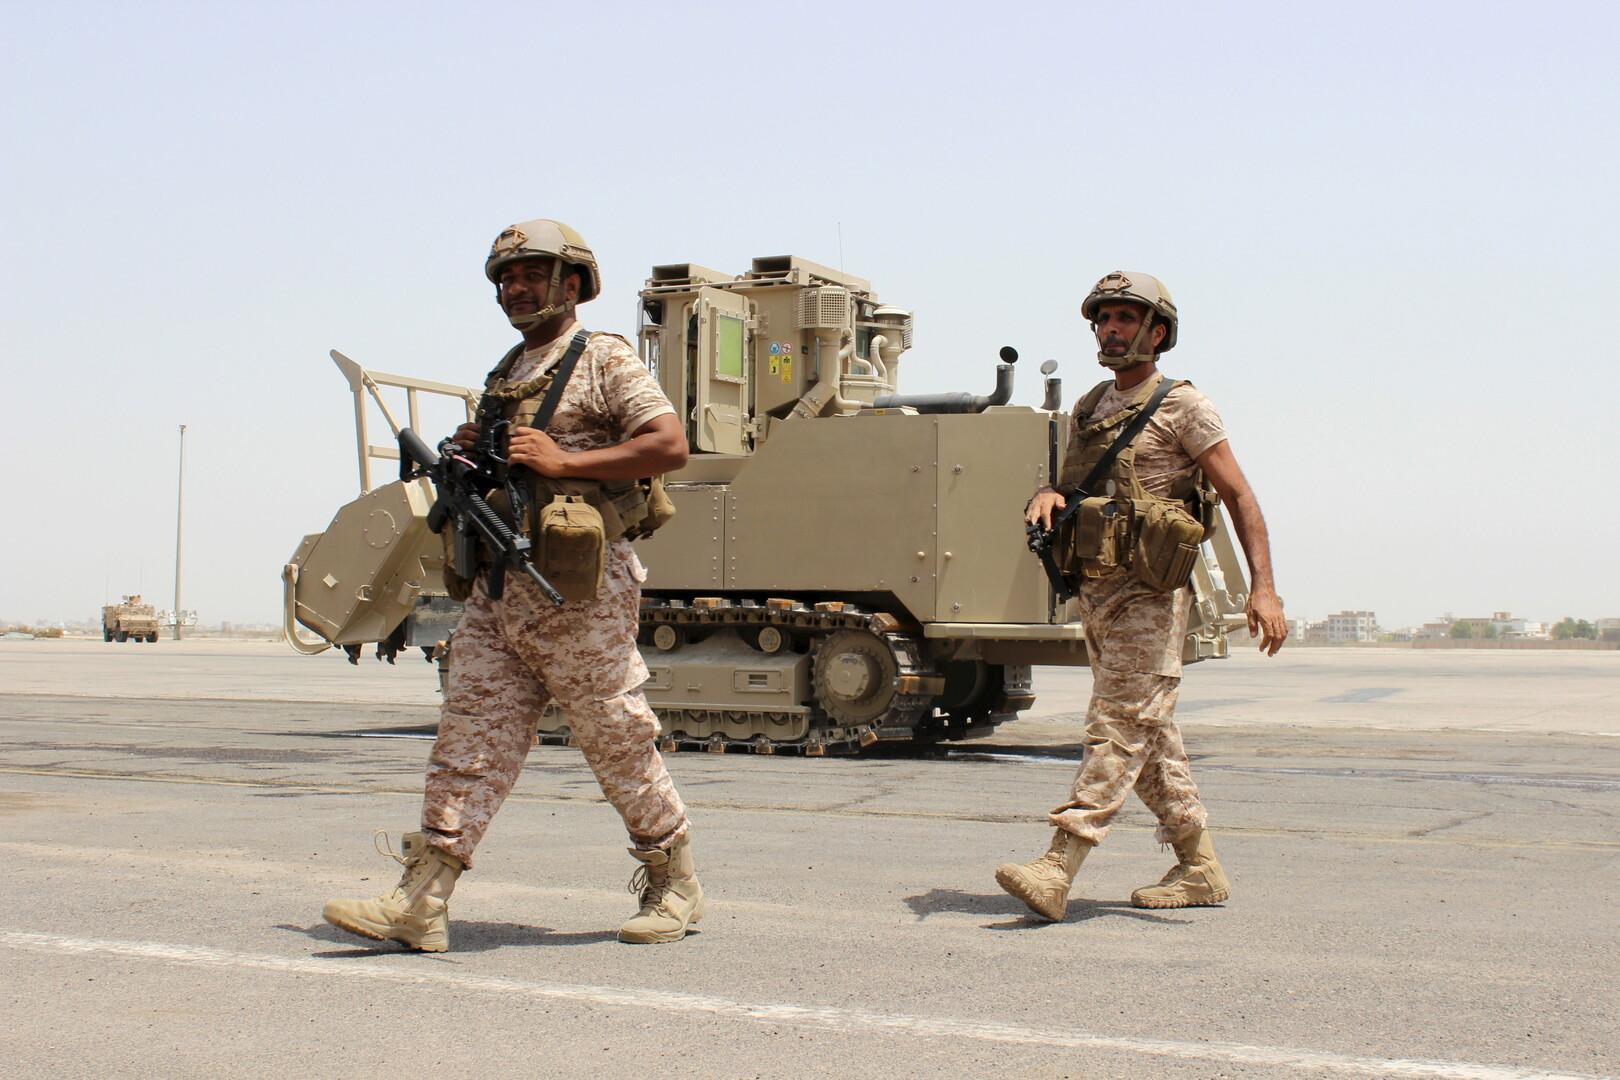 الإمارات تعلن مقتل 6 من جنودها في حادث تصادم